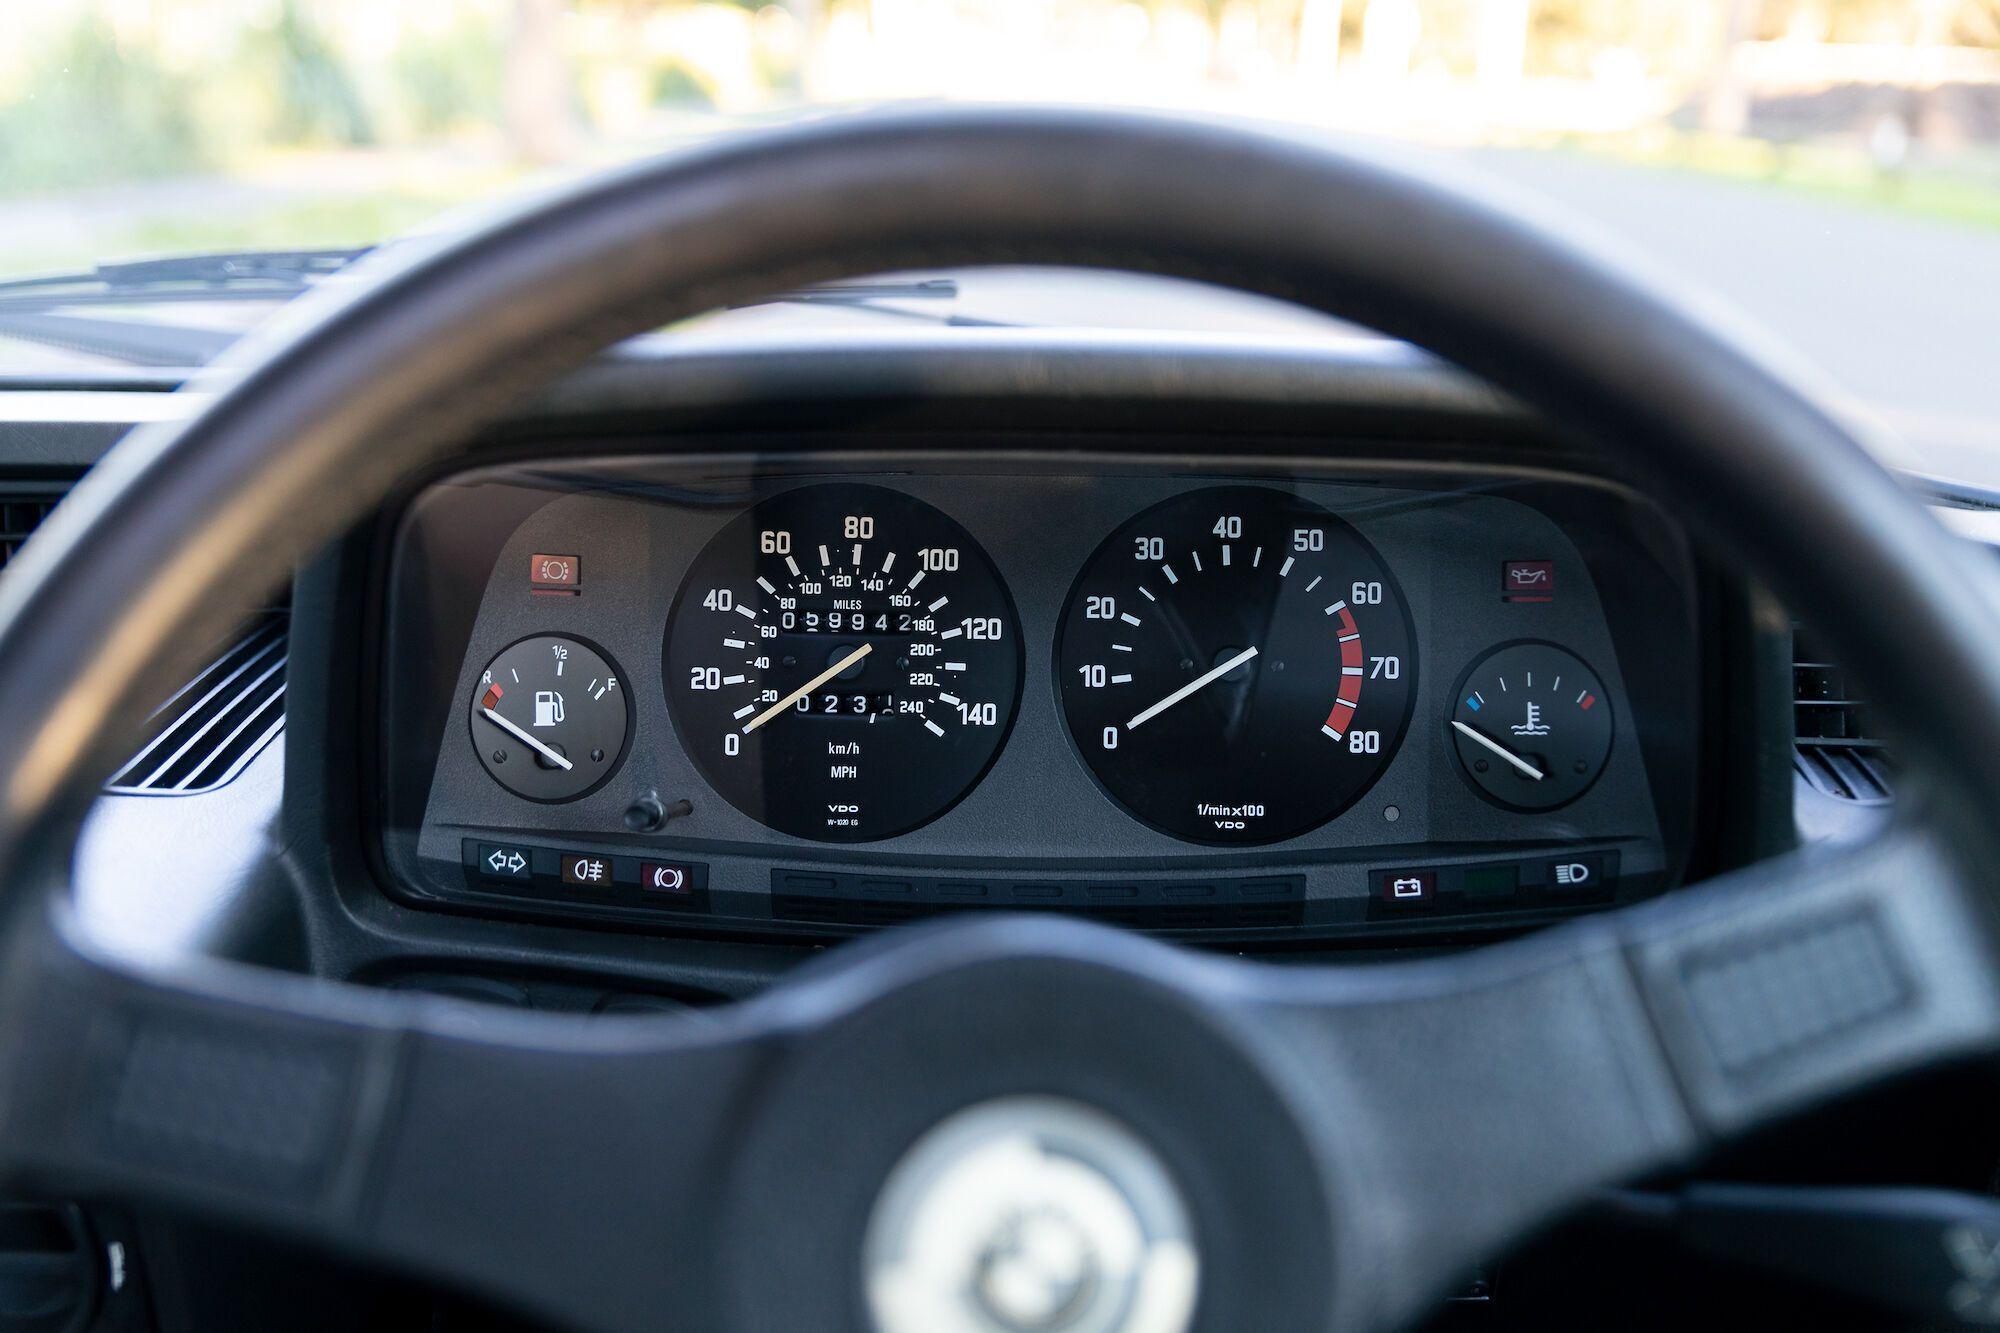 Виставлений на продаж автомобіль подолав всього близько 60 тисяч миль (96 446 км)